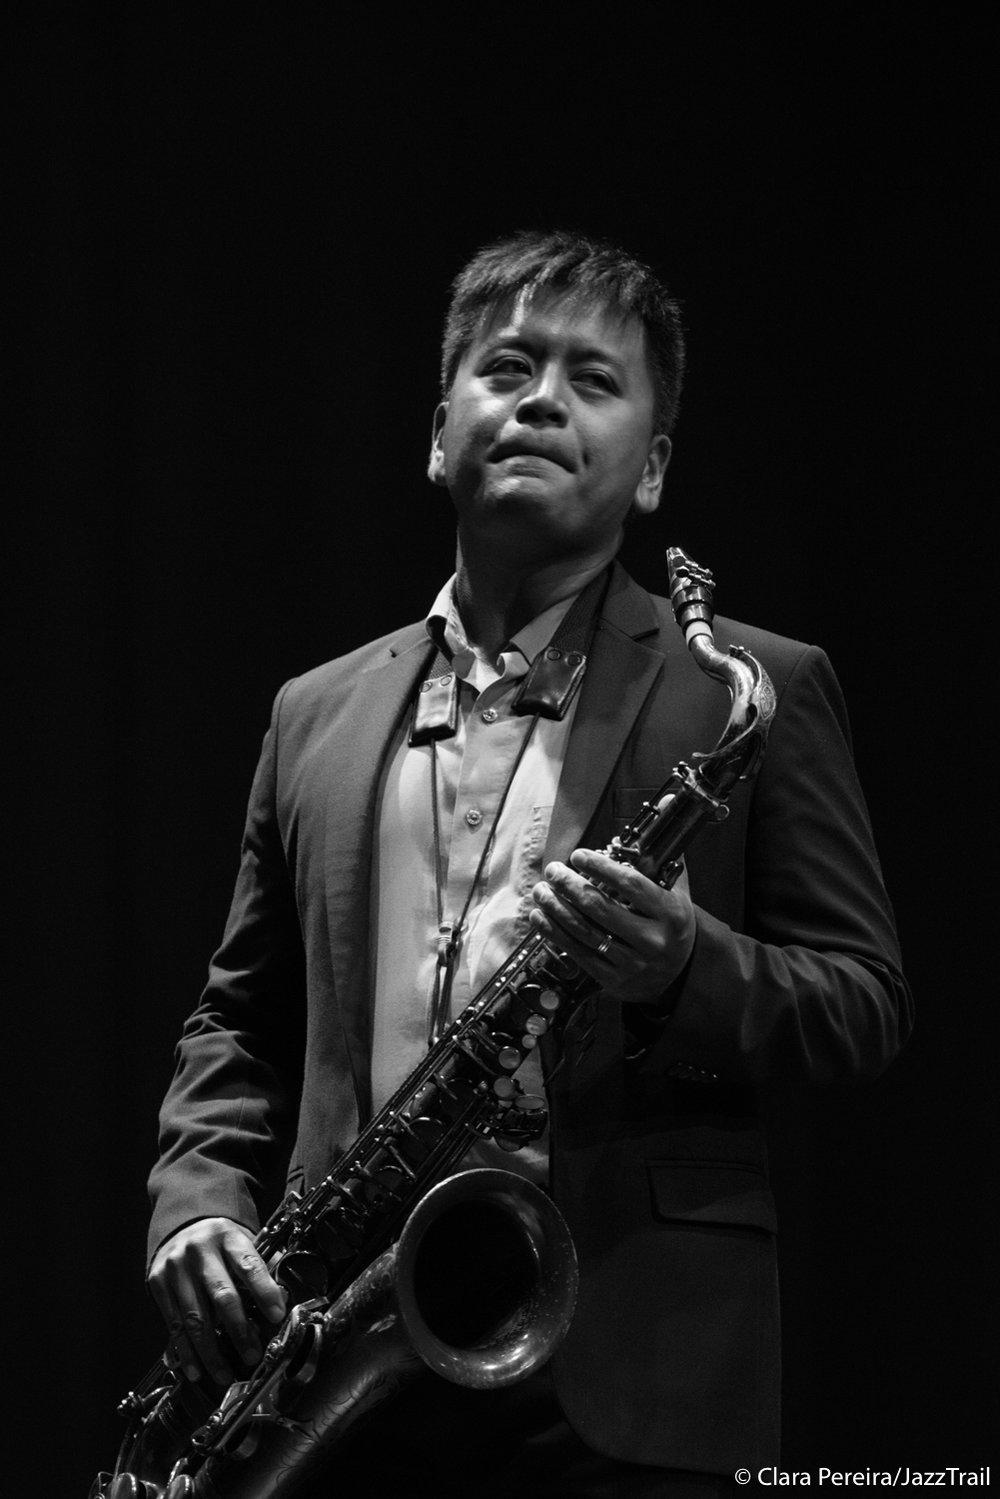 Jon Irabagon, 2017